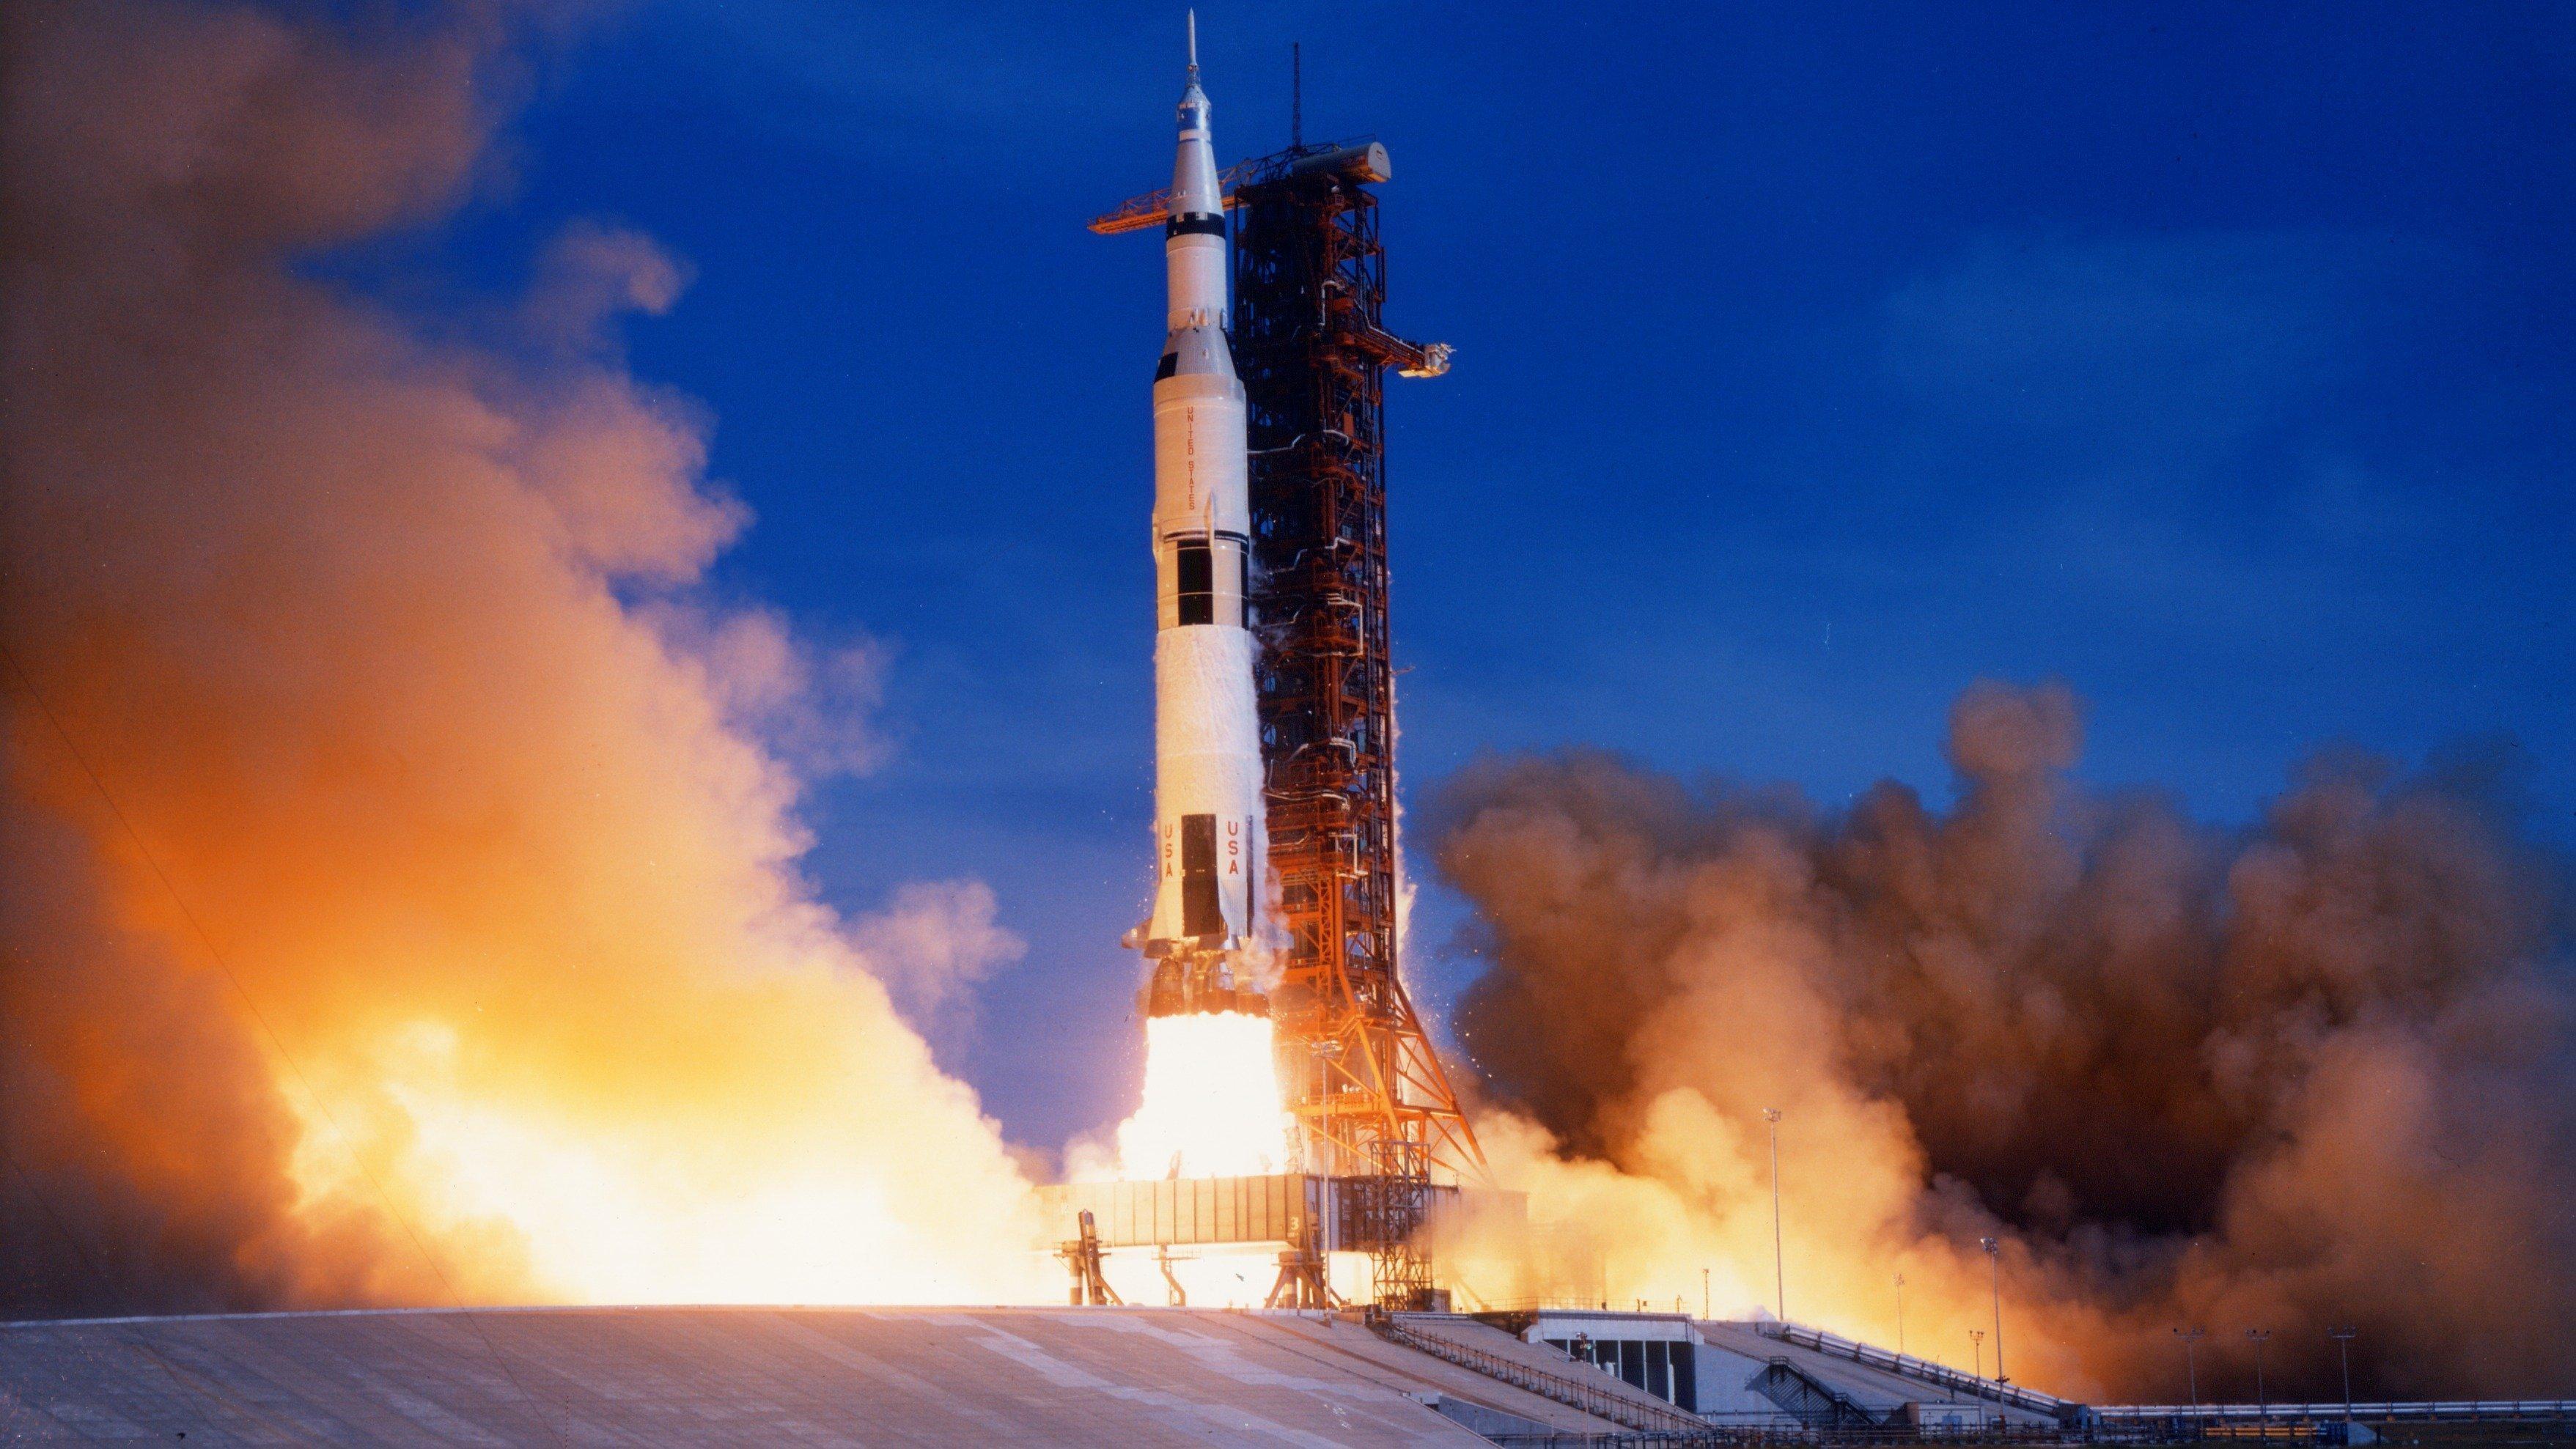 future rocket launching video - HD2560×1600